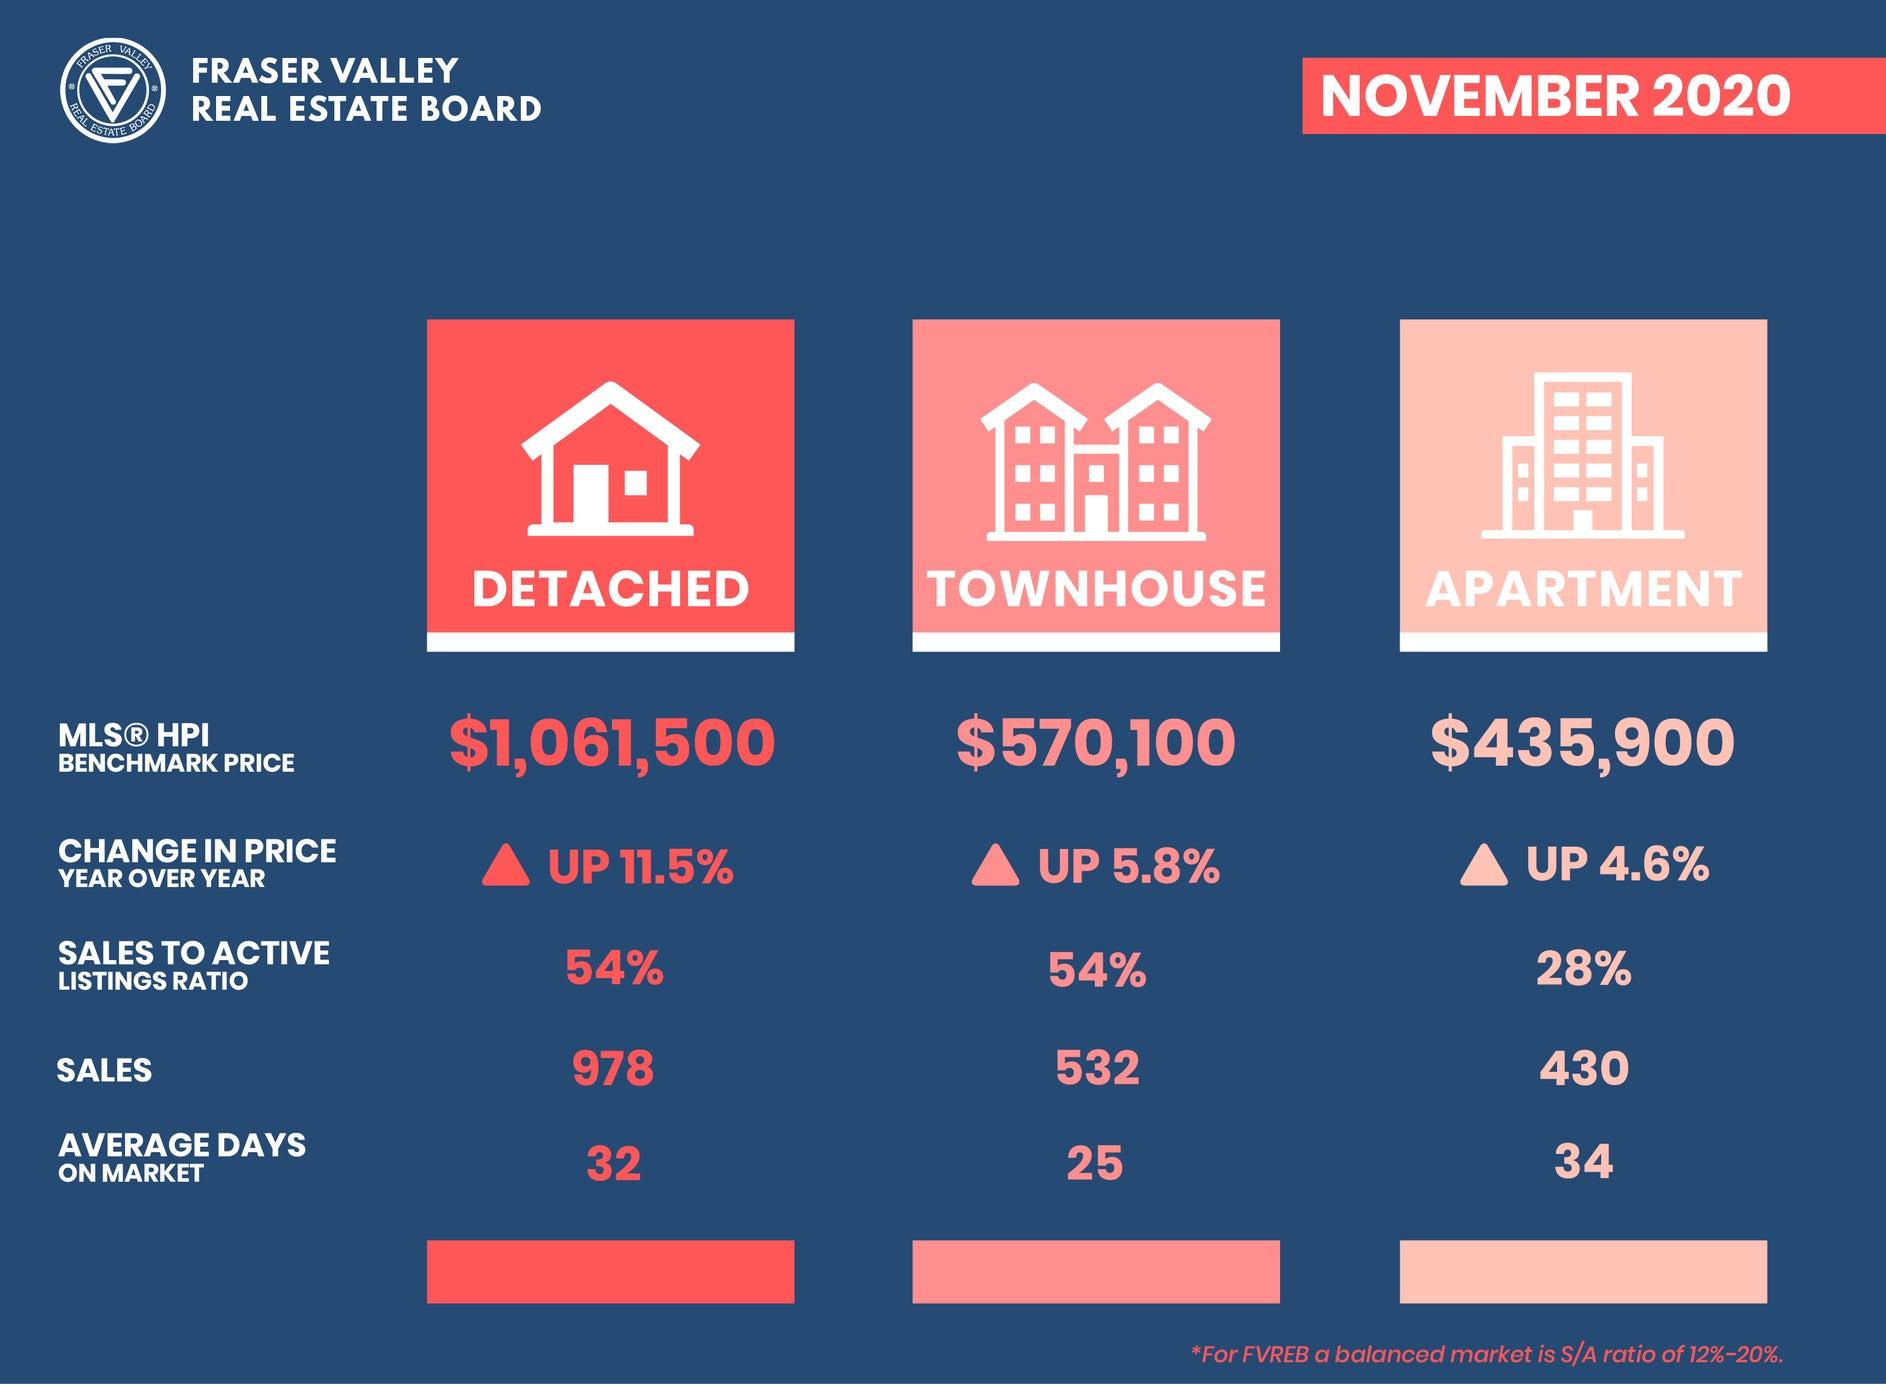 Fraser Valley Real Estate Market Report November 2020 – Sales Activity